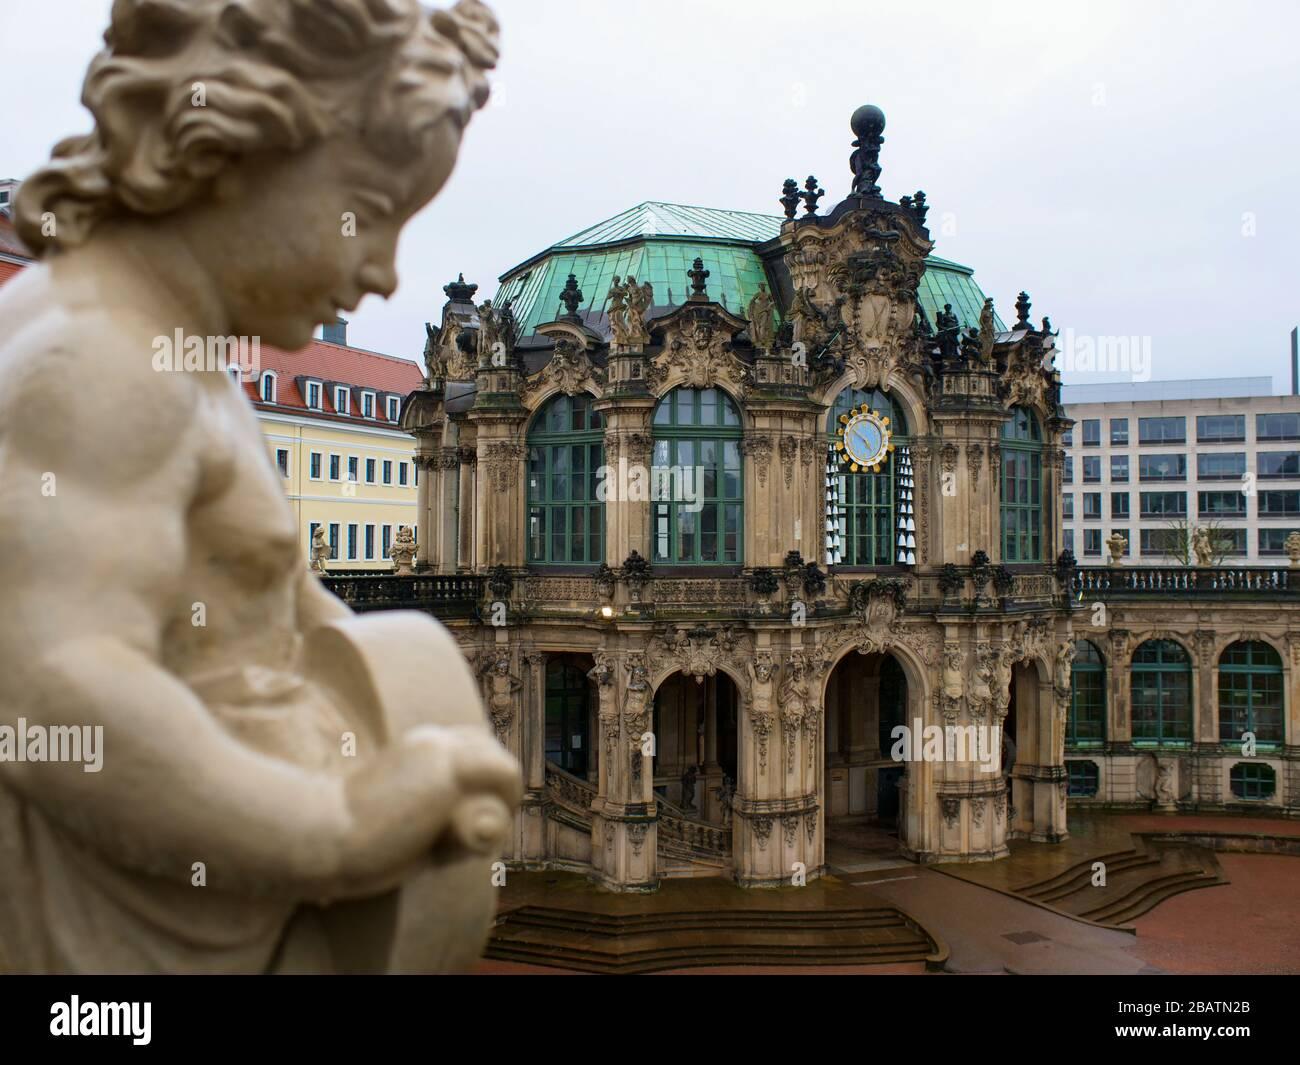 Dresden Zwinger während Coronavirus Lockdown 2020 Glockenspielpavillon Innenhof in der dresdner Altstadt Sehenswürdigkeit bei Regen Stock Photo